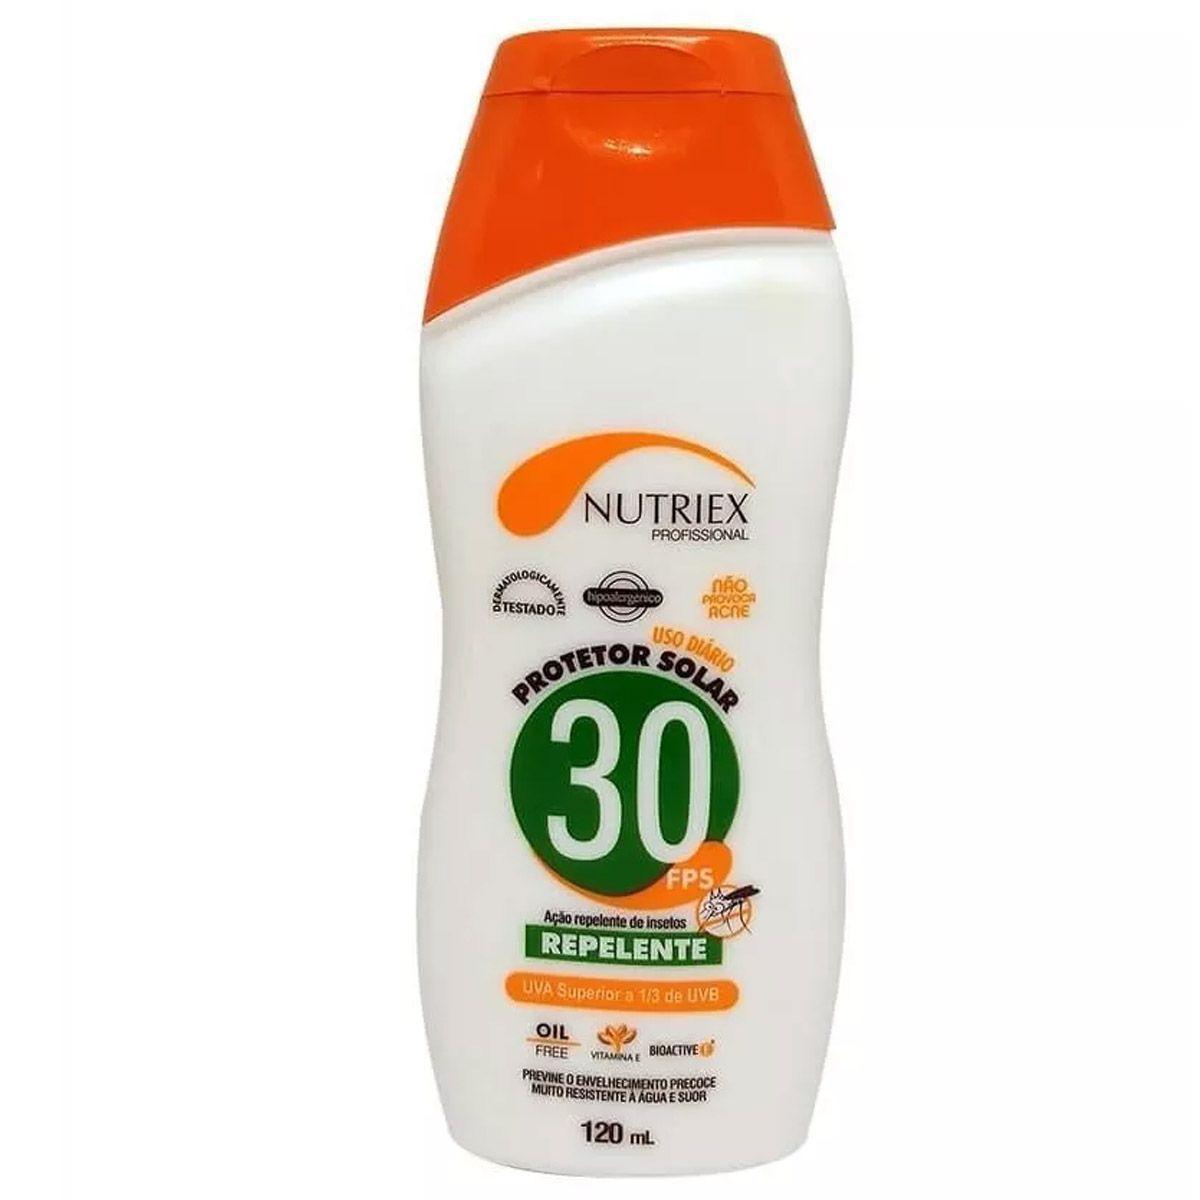 Protetor Solar Nutriex Fps 30 C/Repelente